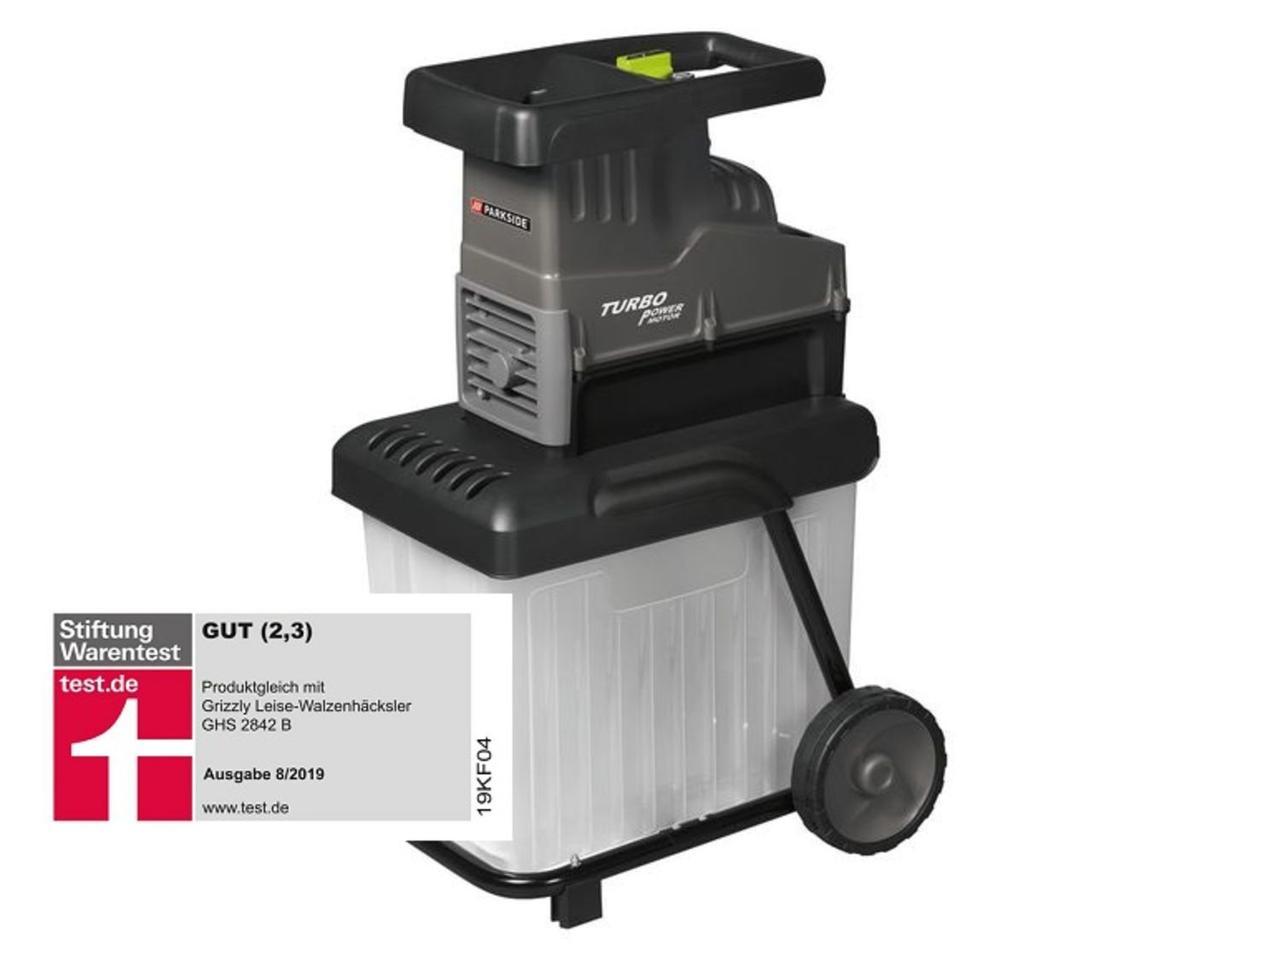 Садовый роликовый измельчитель PARKSIDE PWH 2800 A1 Limited Edition